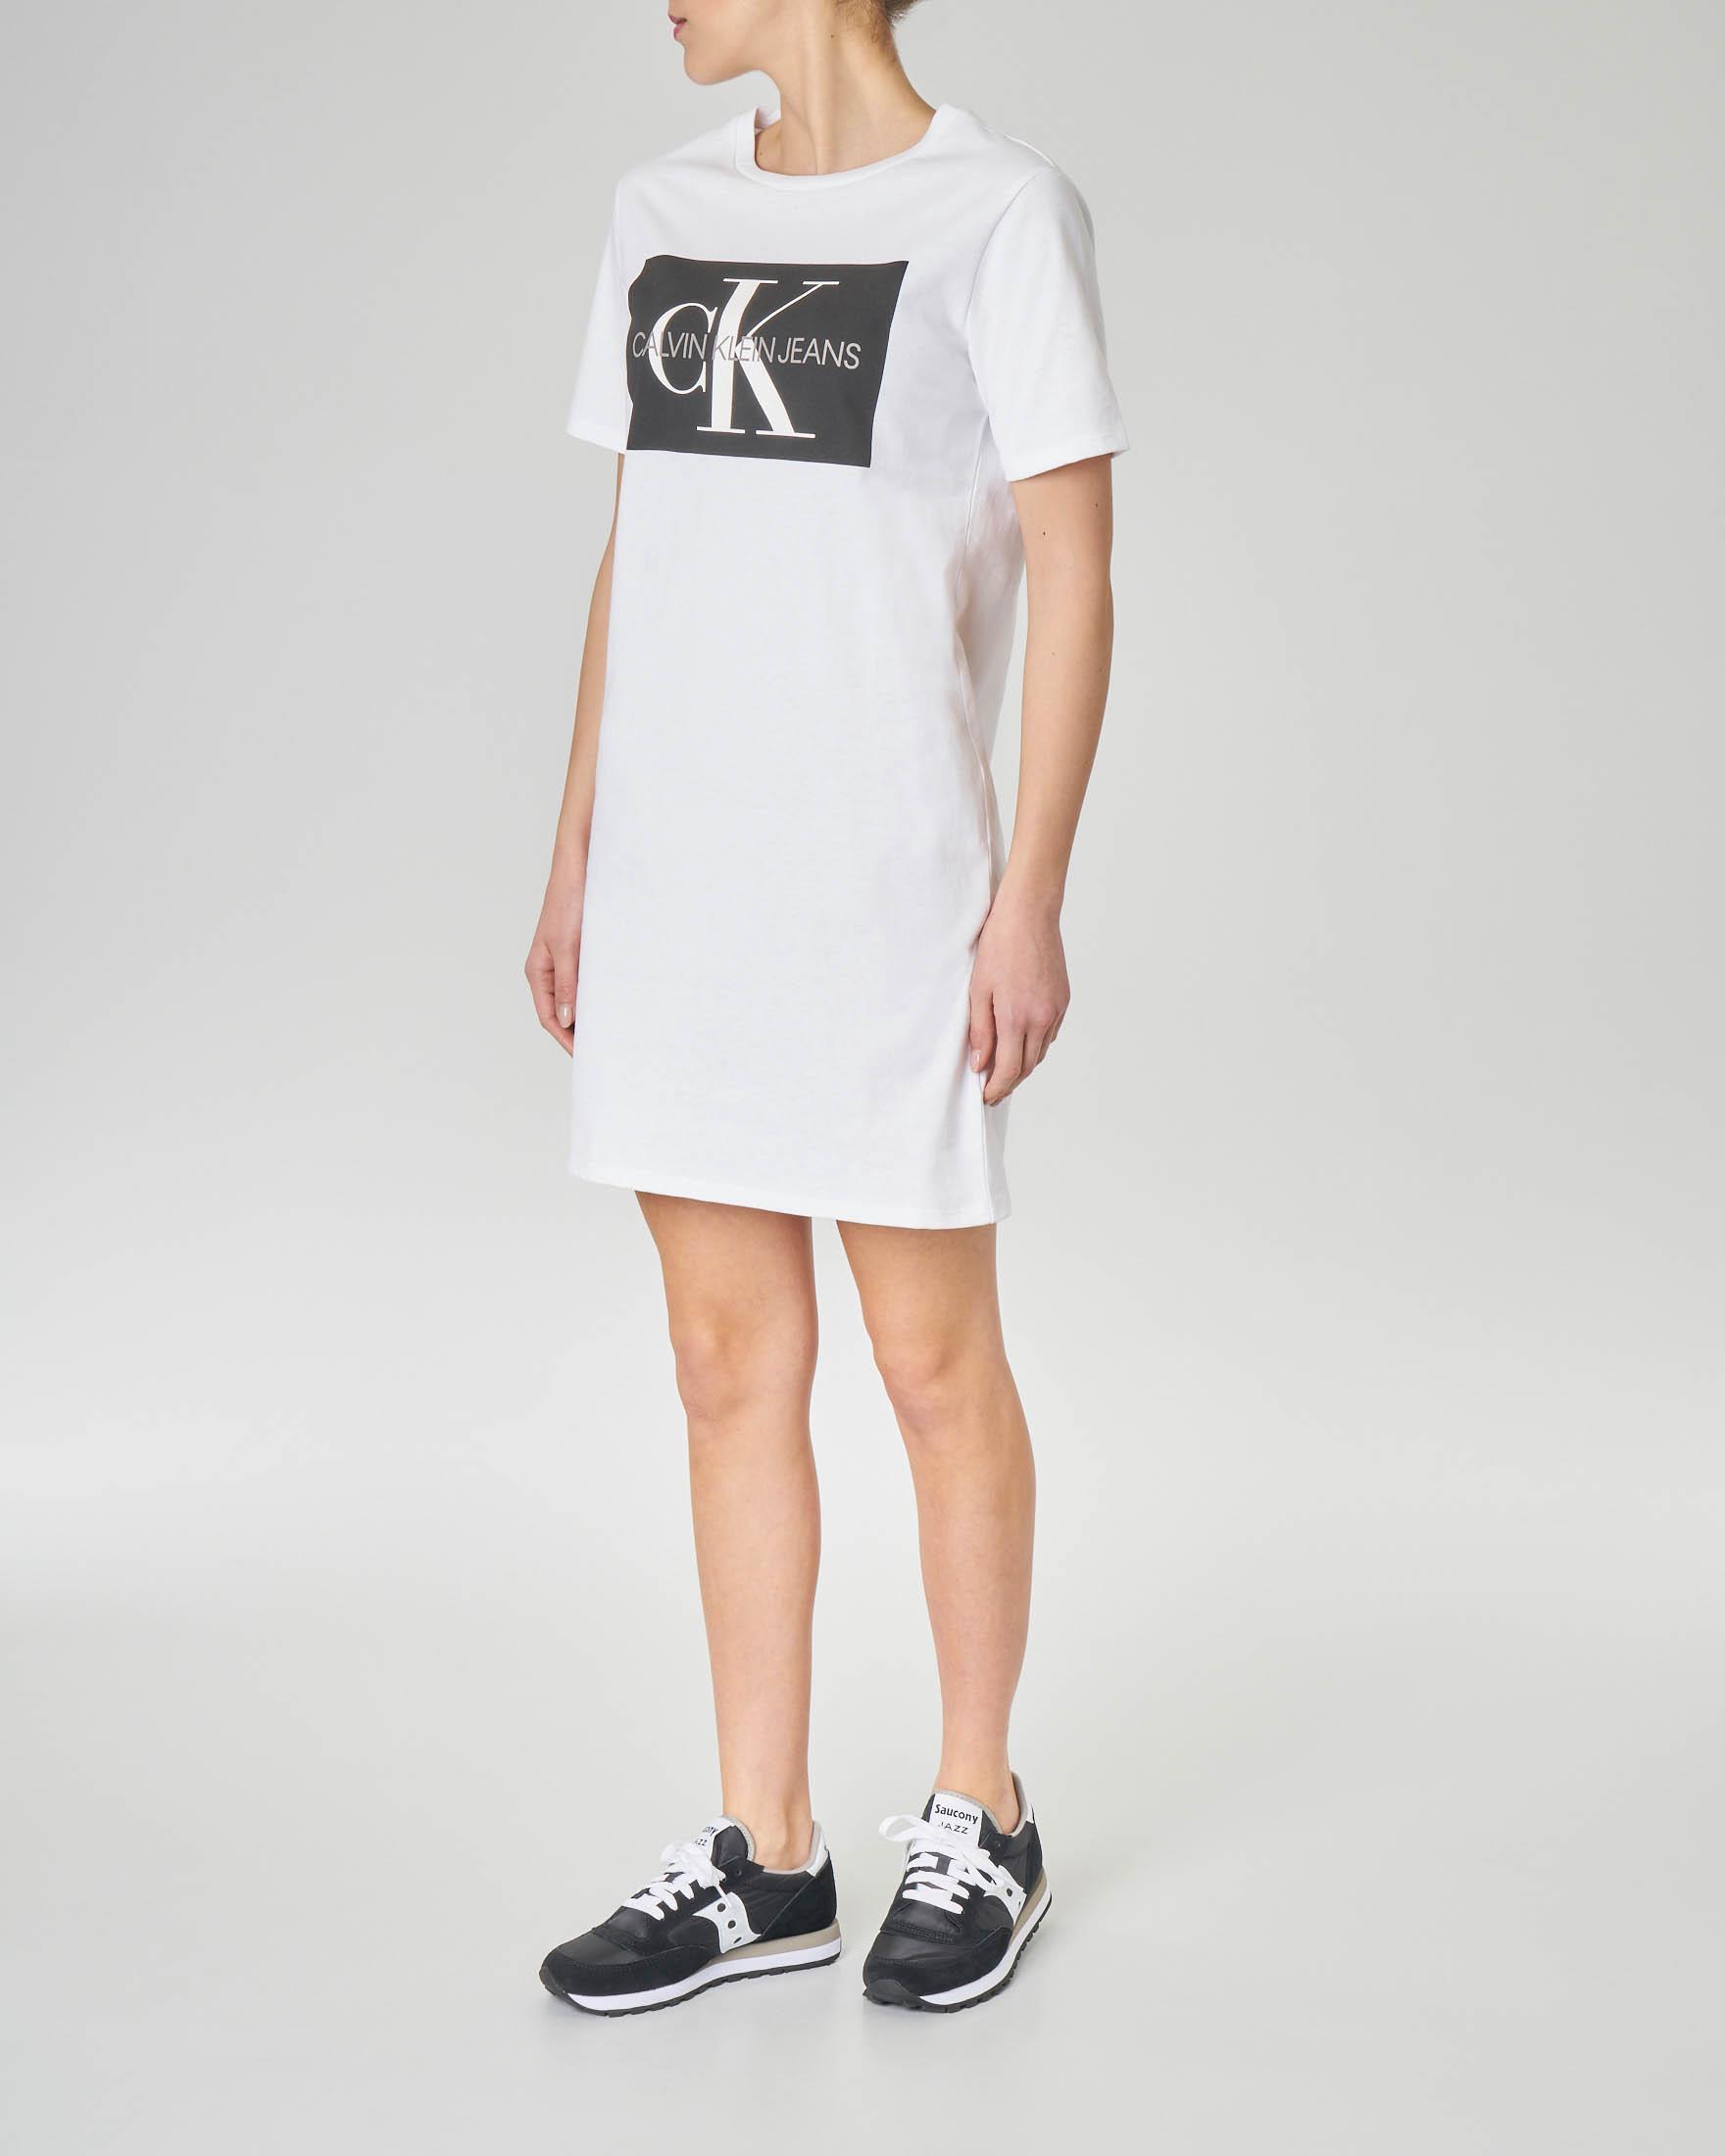 Abito corto bianco in jersey di cotone con maxi logo stampato